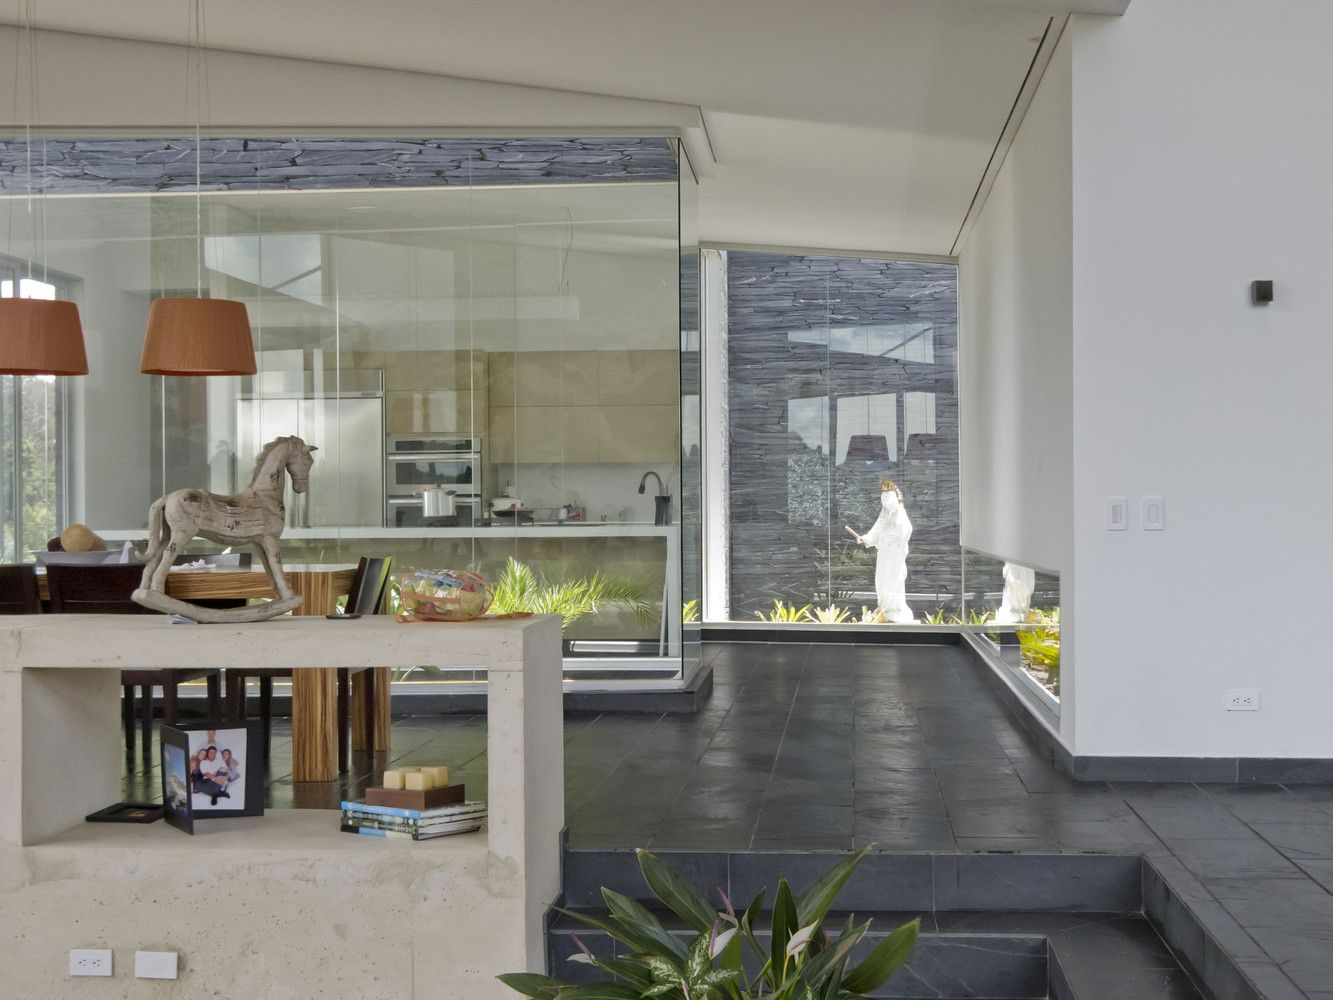 Casa entre Jardines, Envigado, Colombia - Planta Baja Estudio de Arquitectura + Lightcube - foto: Mauricio Carvajal Bustamante